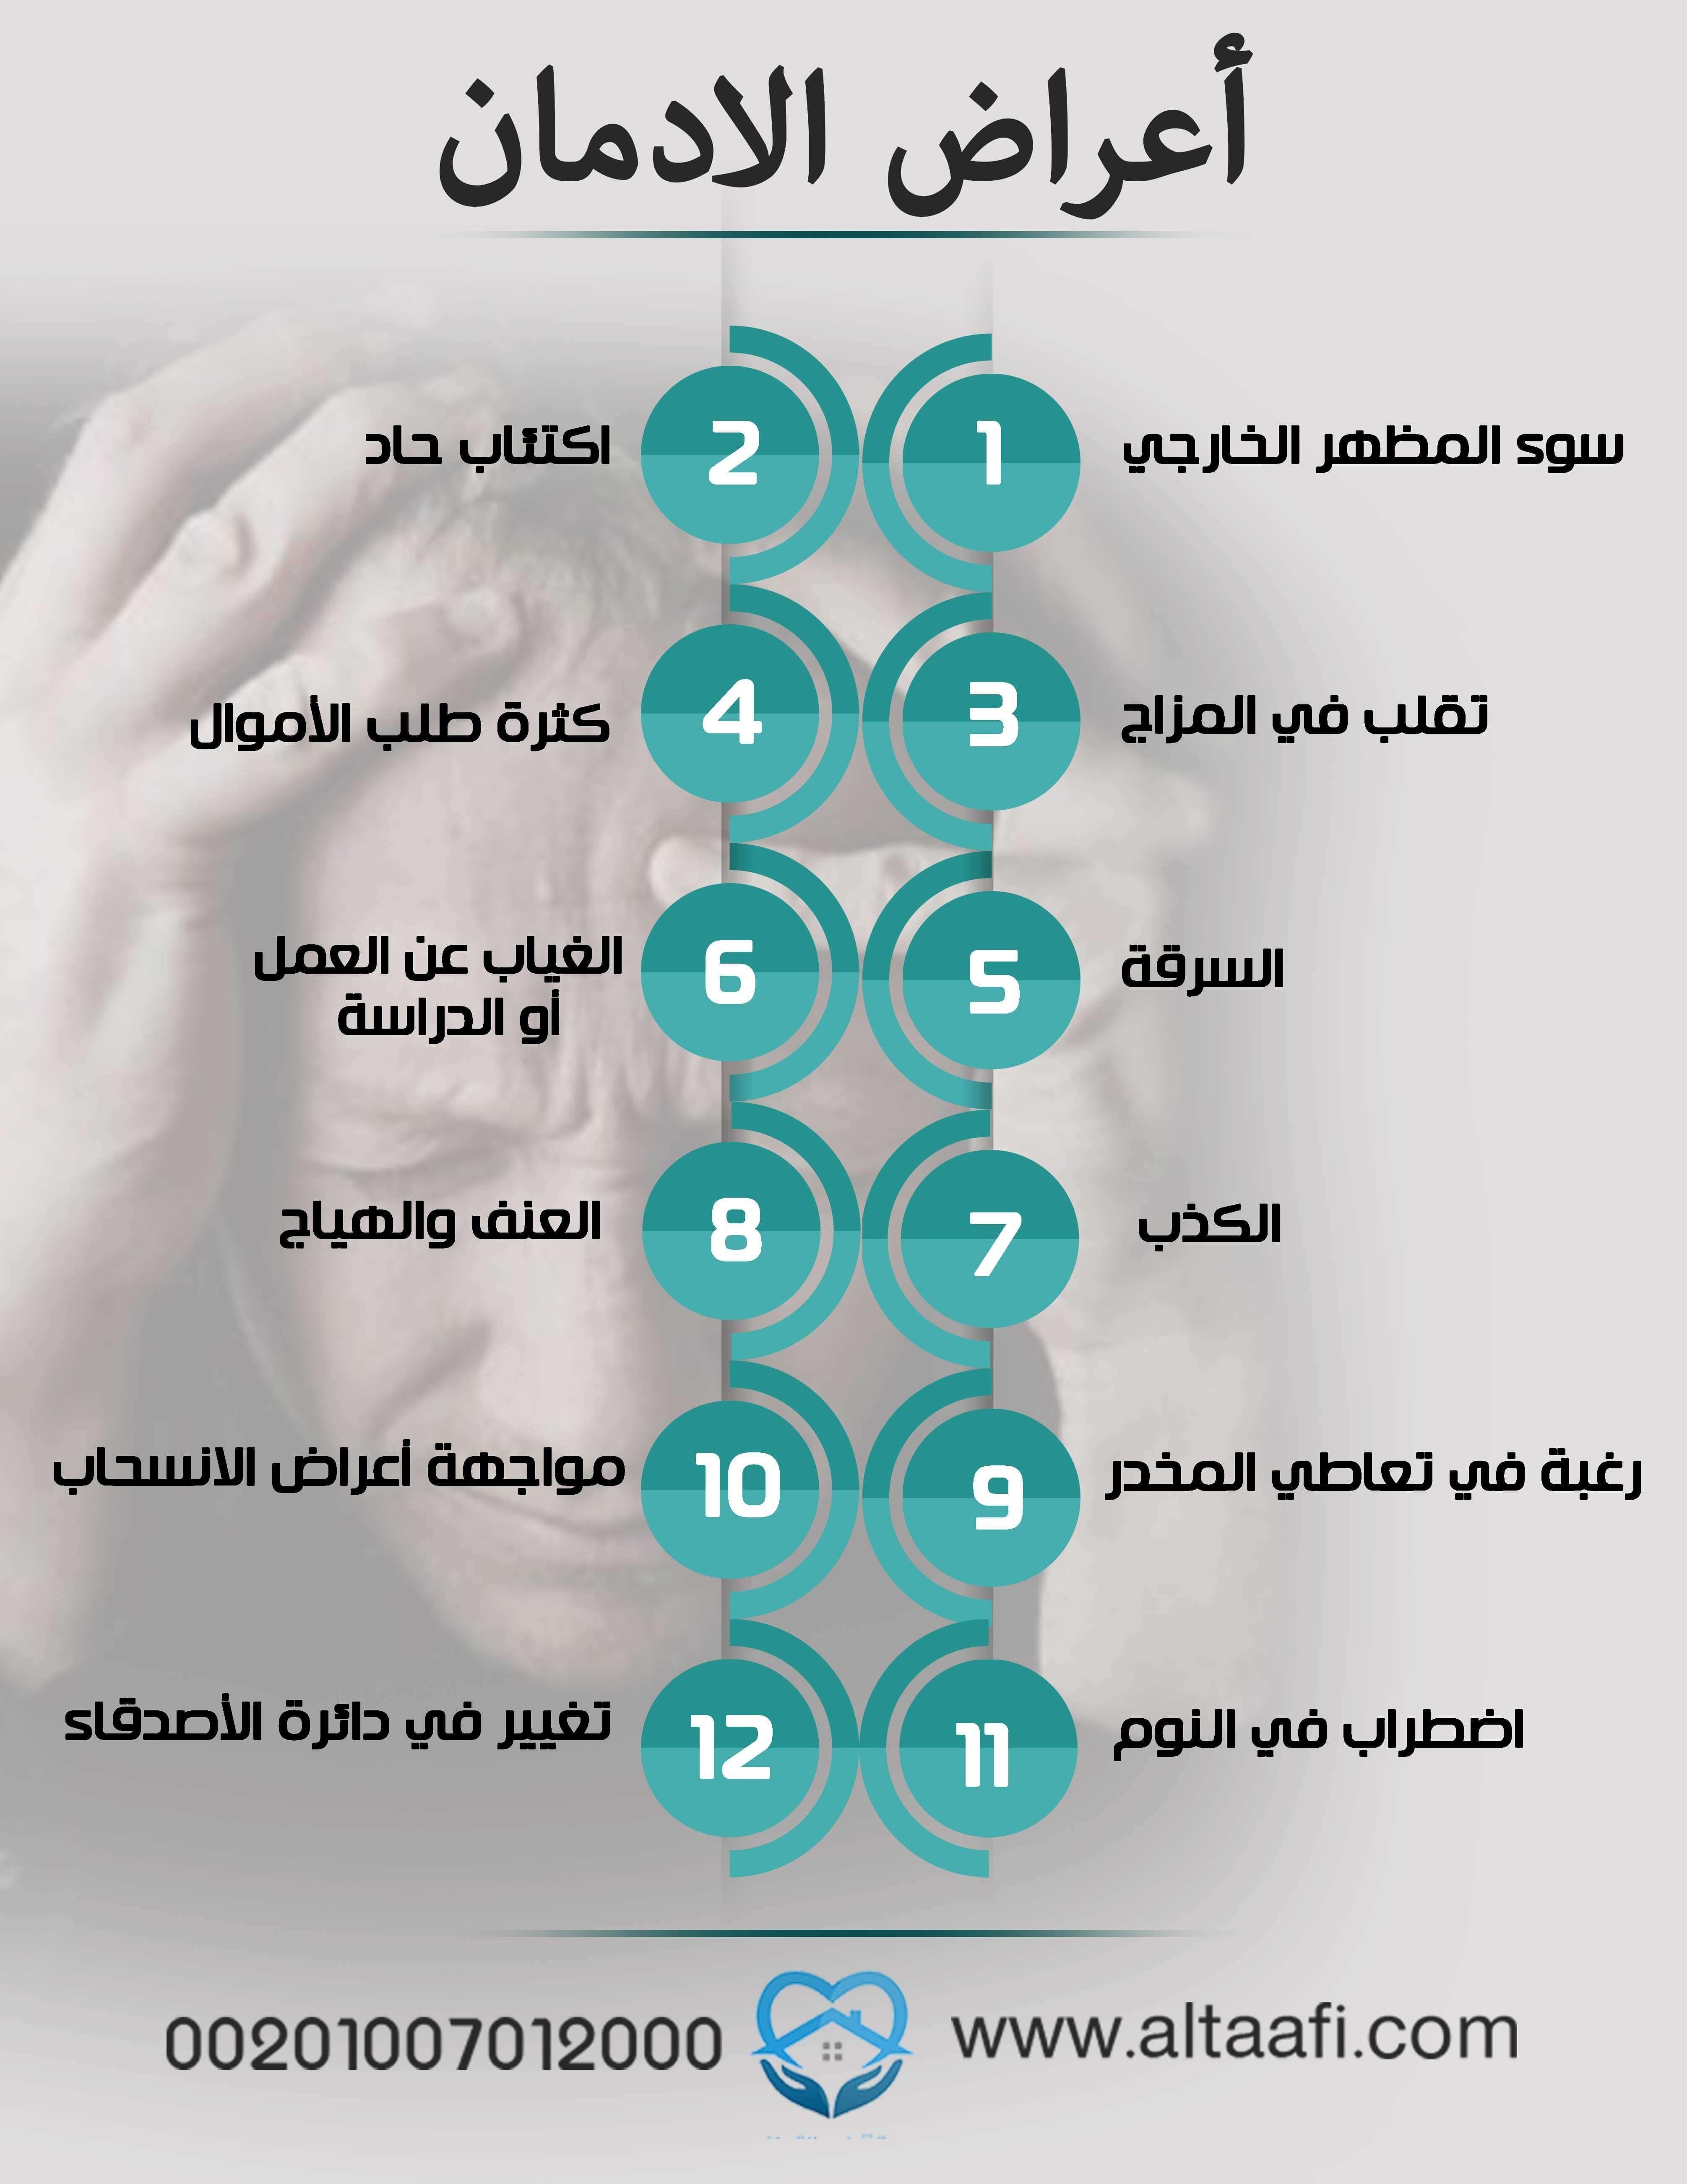 أعراض الإدمان على المخدرات 12 علامة تكشف بها المدمن بسهولة 10 Things Weather